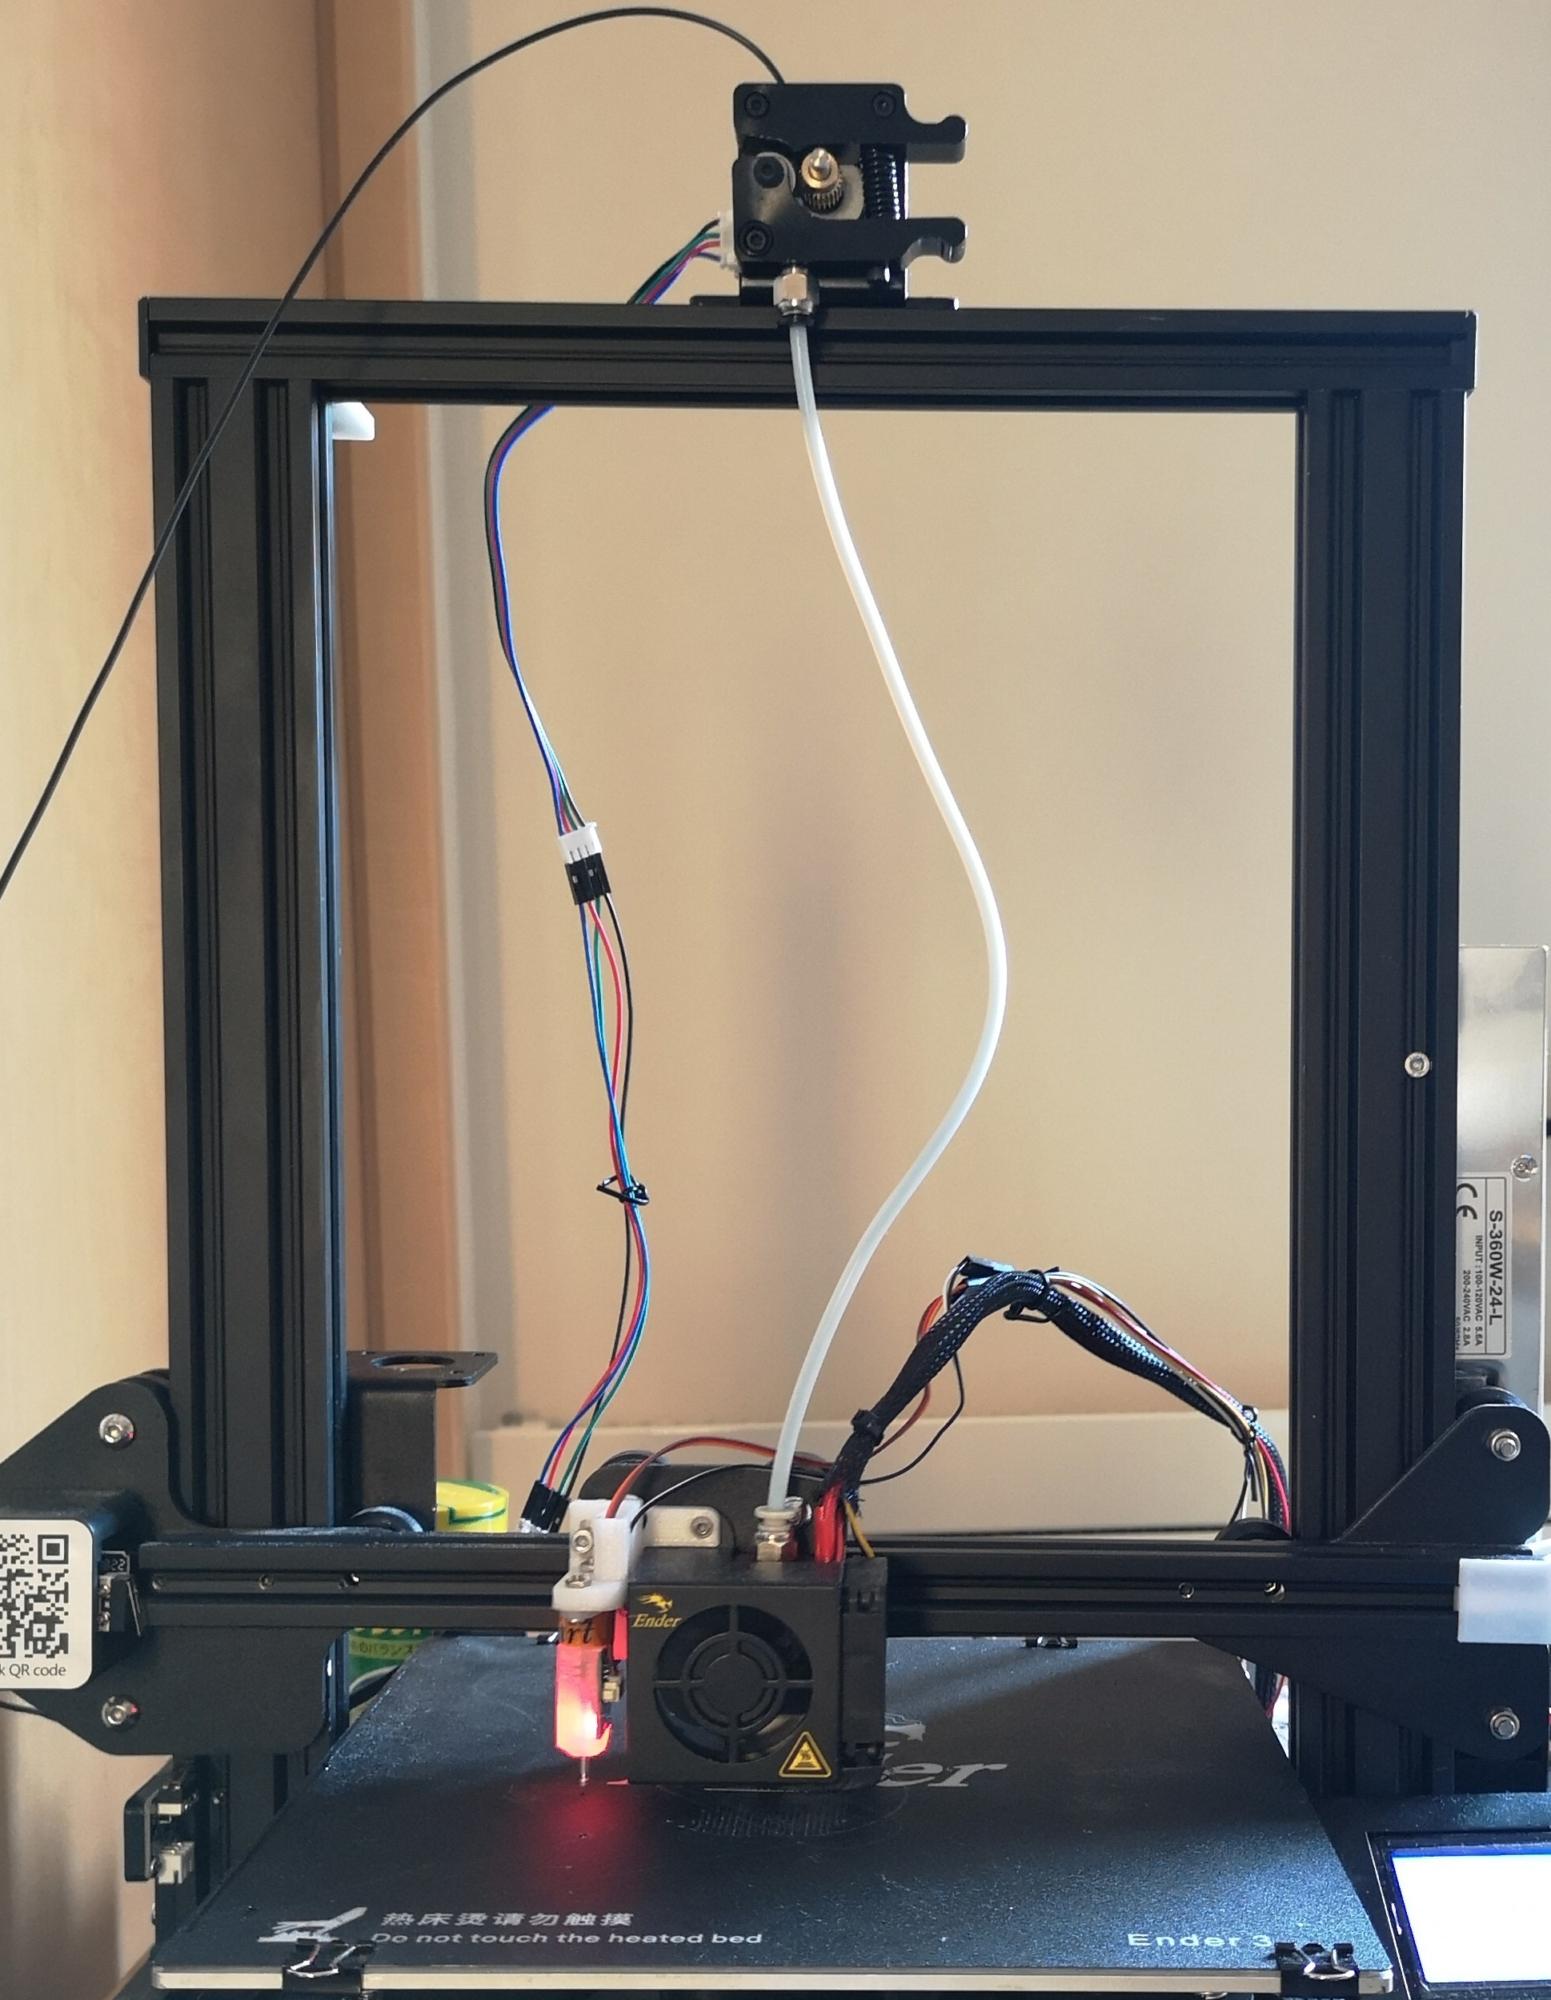 【3Dプリンター】Ender-3のマザーボードとモータードライバを取り替えて静音化した(TMC2208)